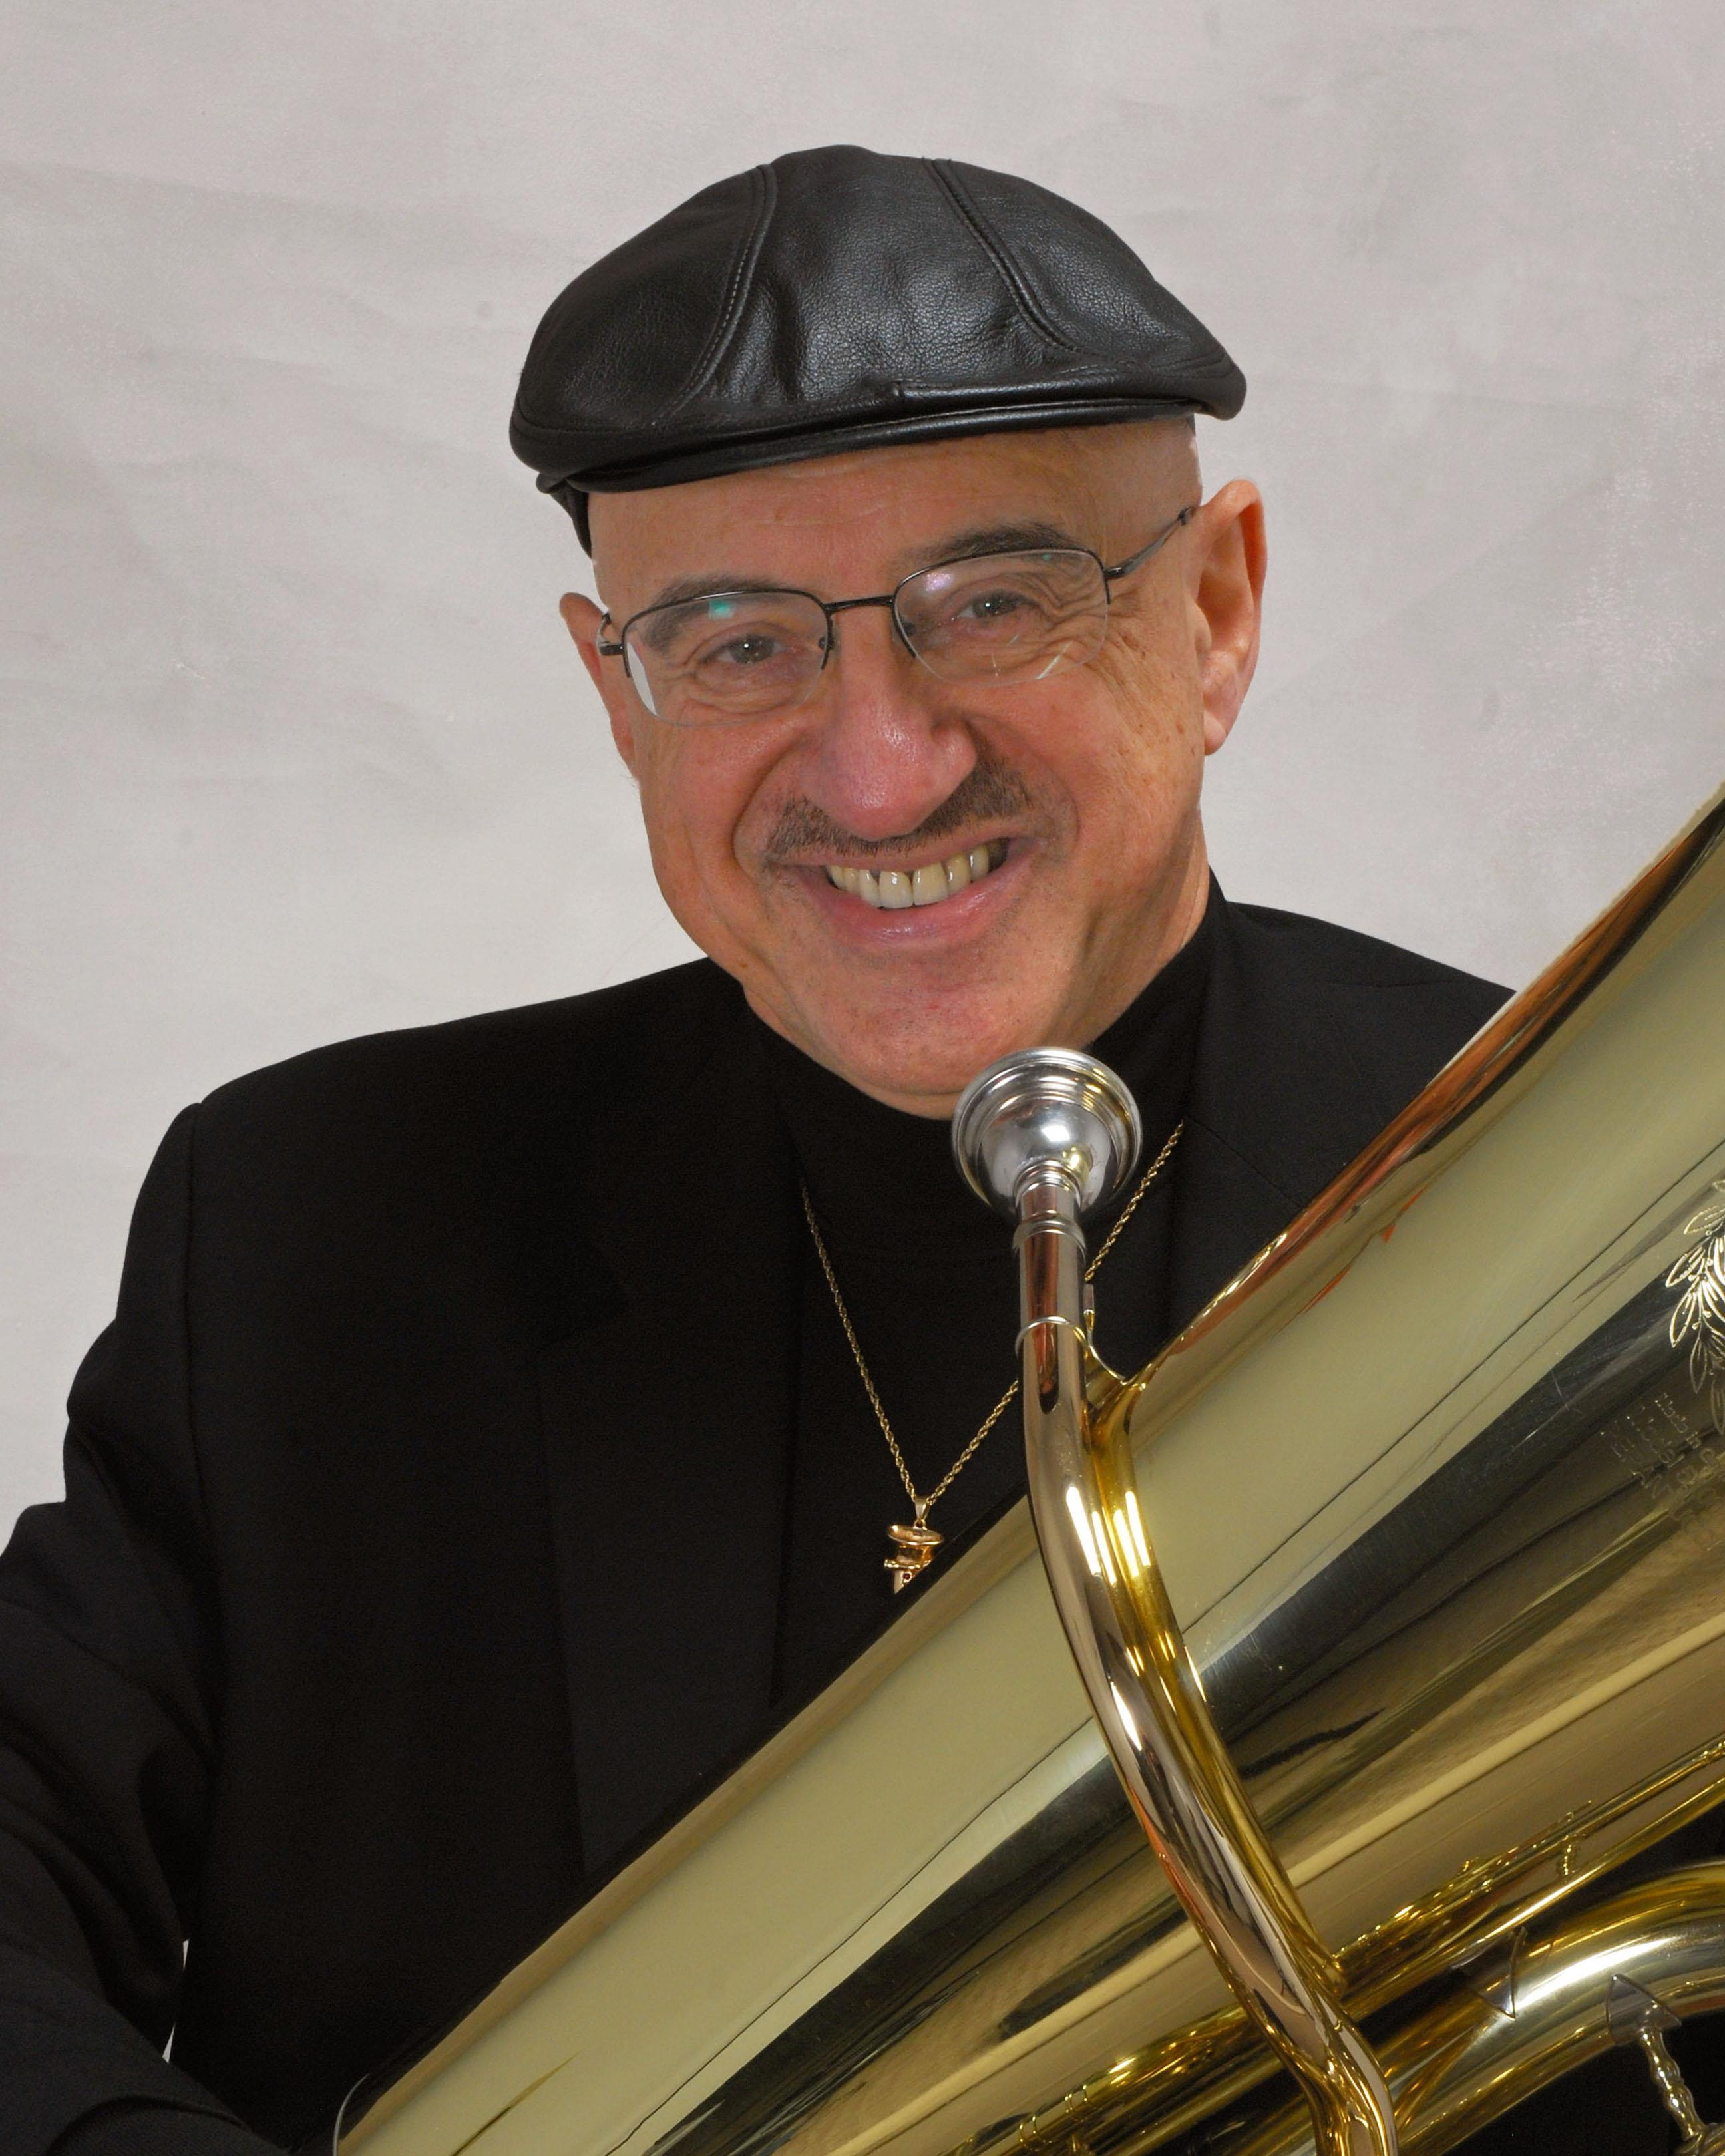 Daniel Perantoni